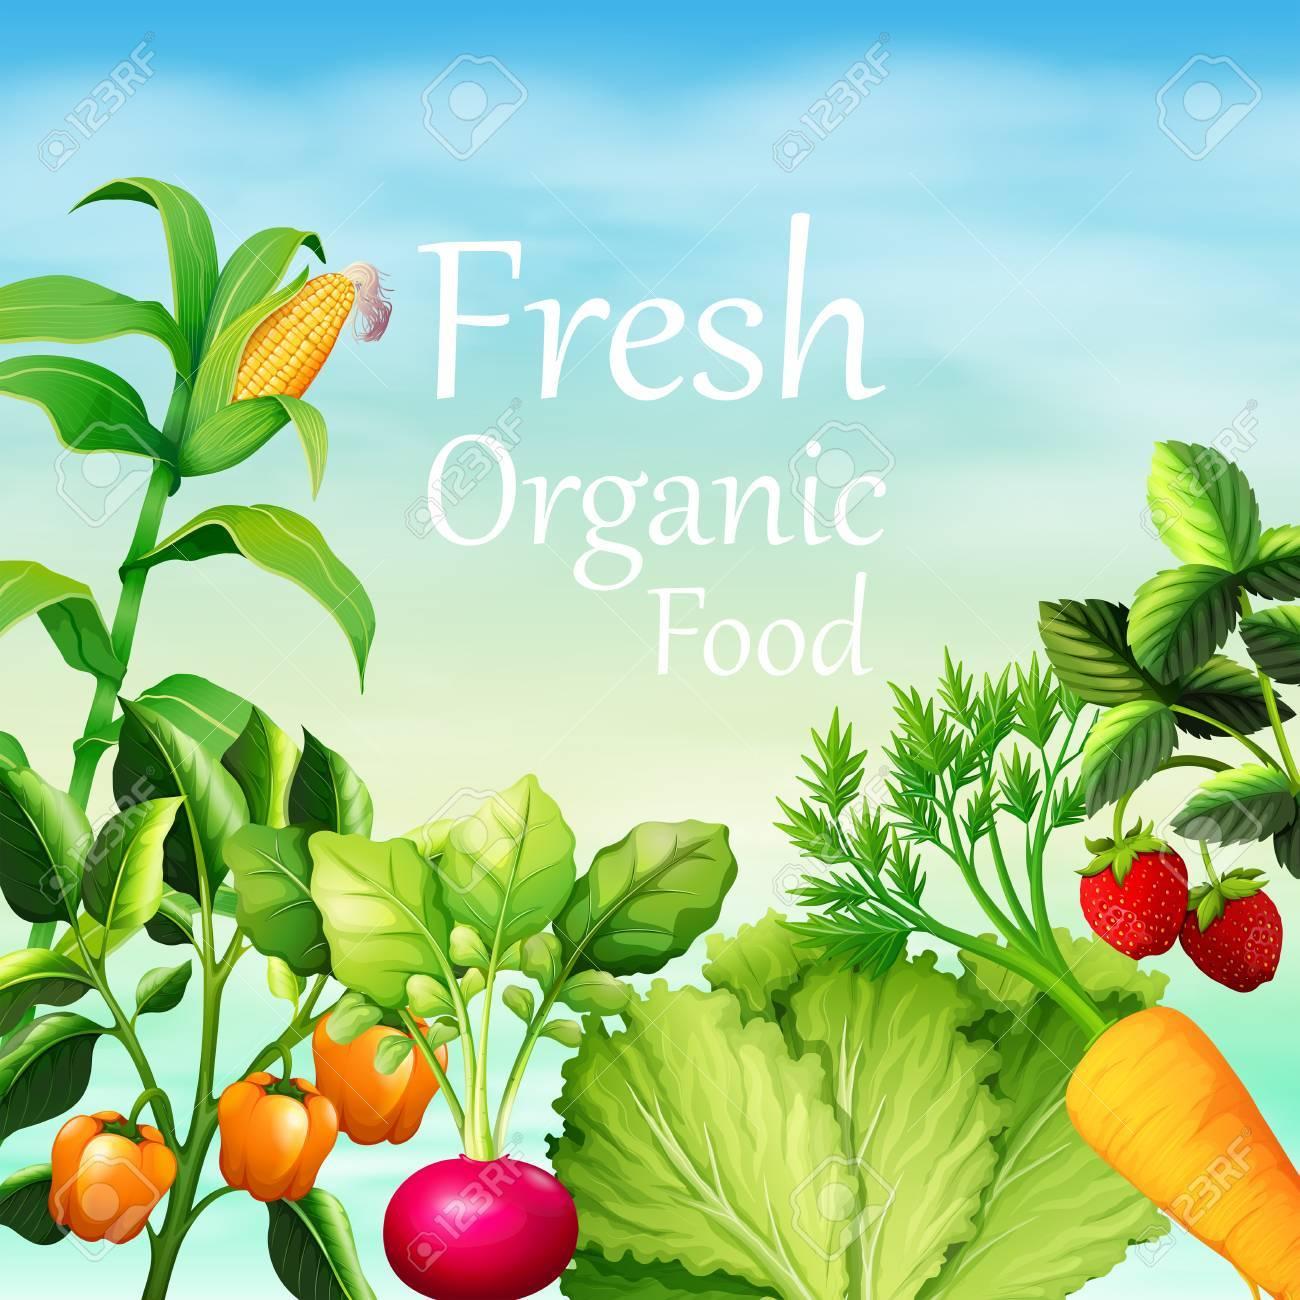 多くの野菜イラスト ポスター デザインのイラスト素材ベクタ Image